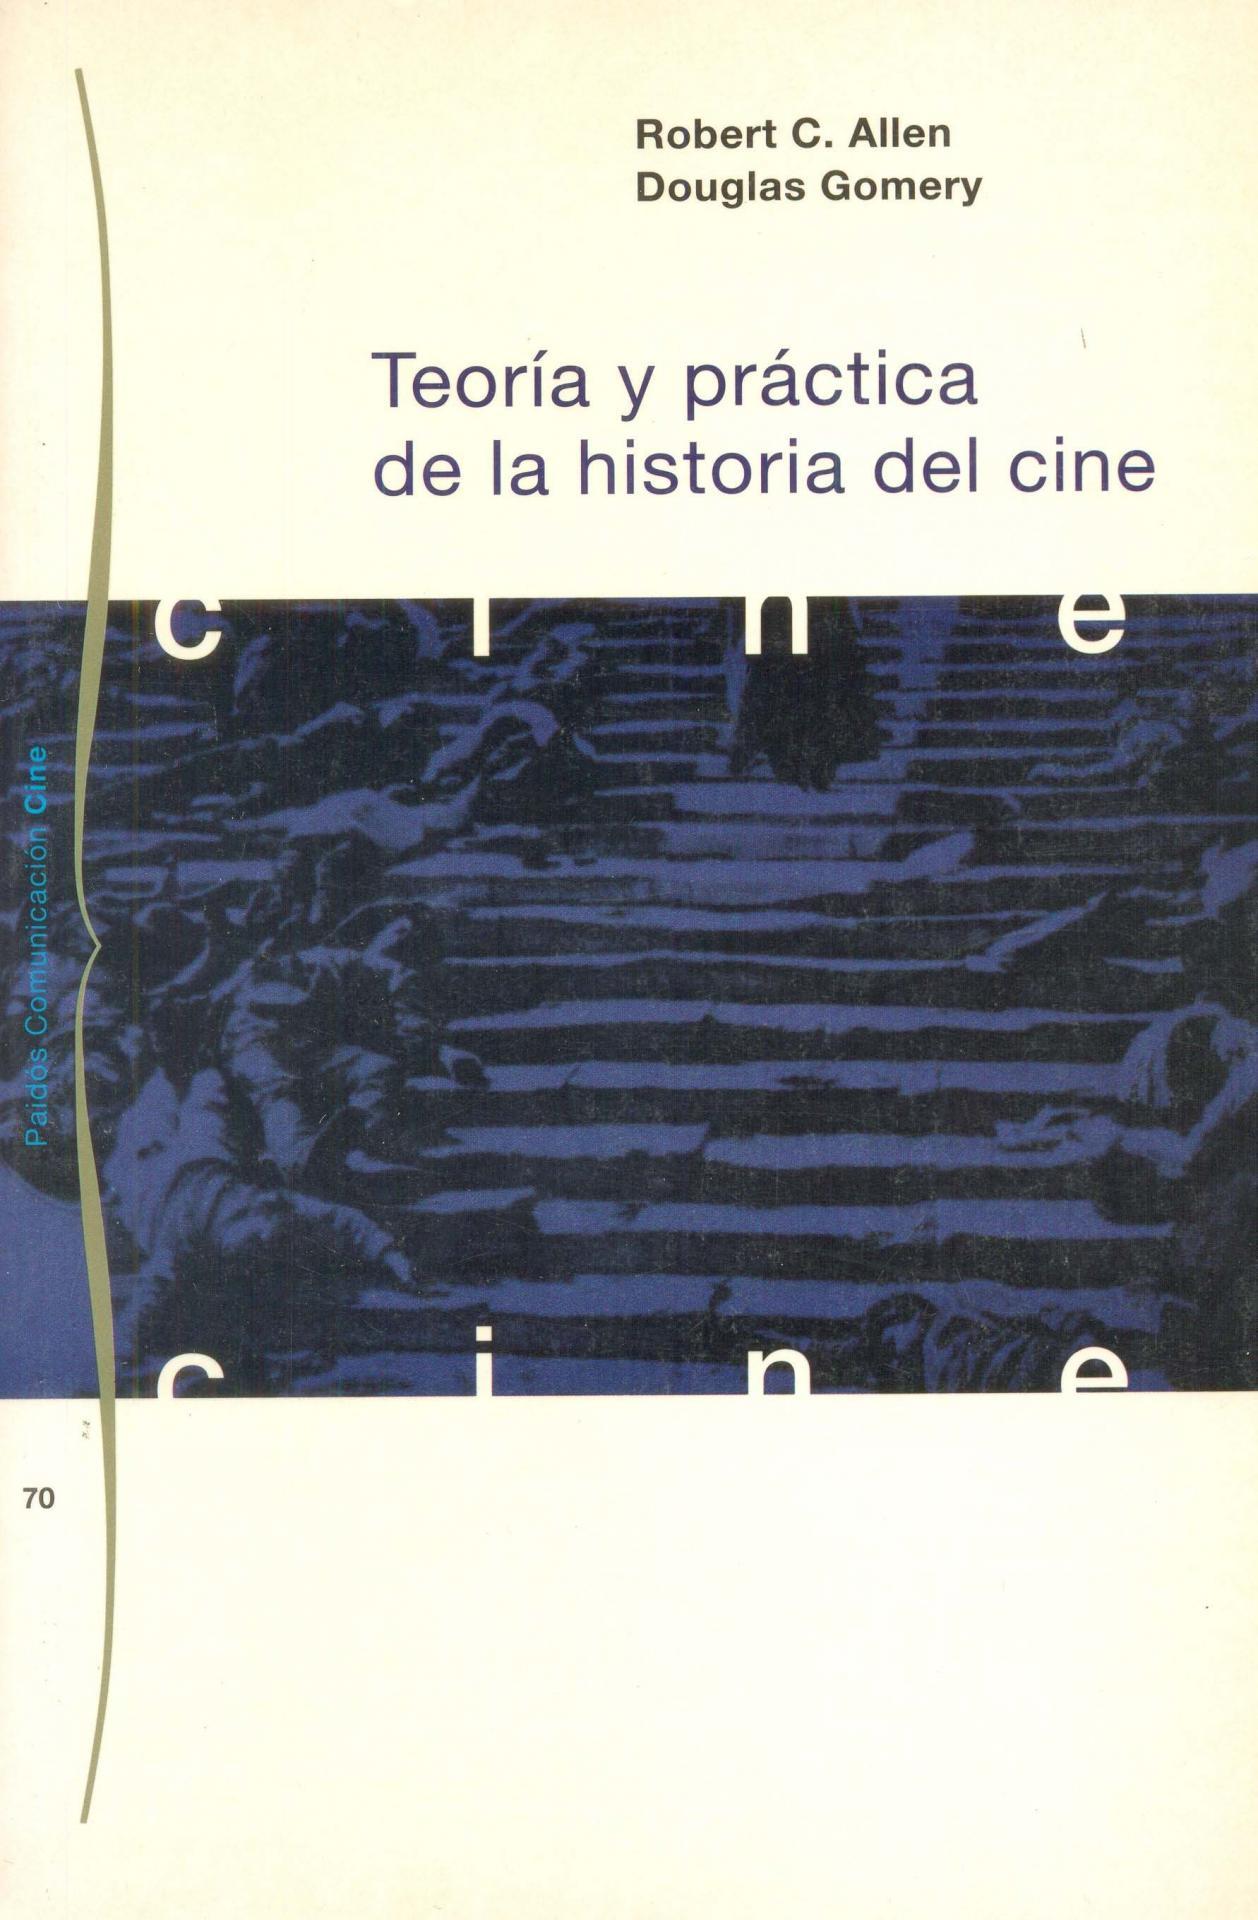 TEORÍA Y PRÁCTICA DE LA HISTORIA DEL CINE. Allen, R;Gomery, D.